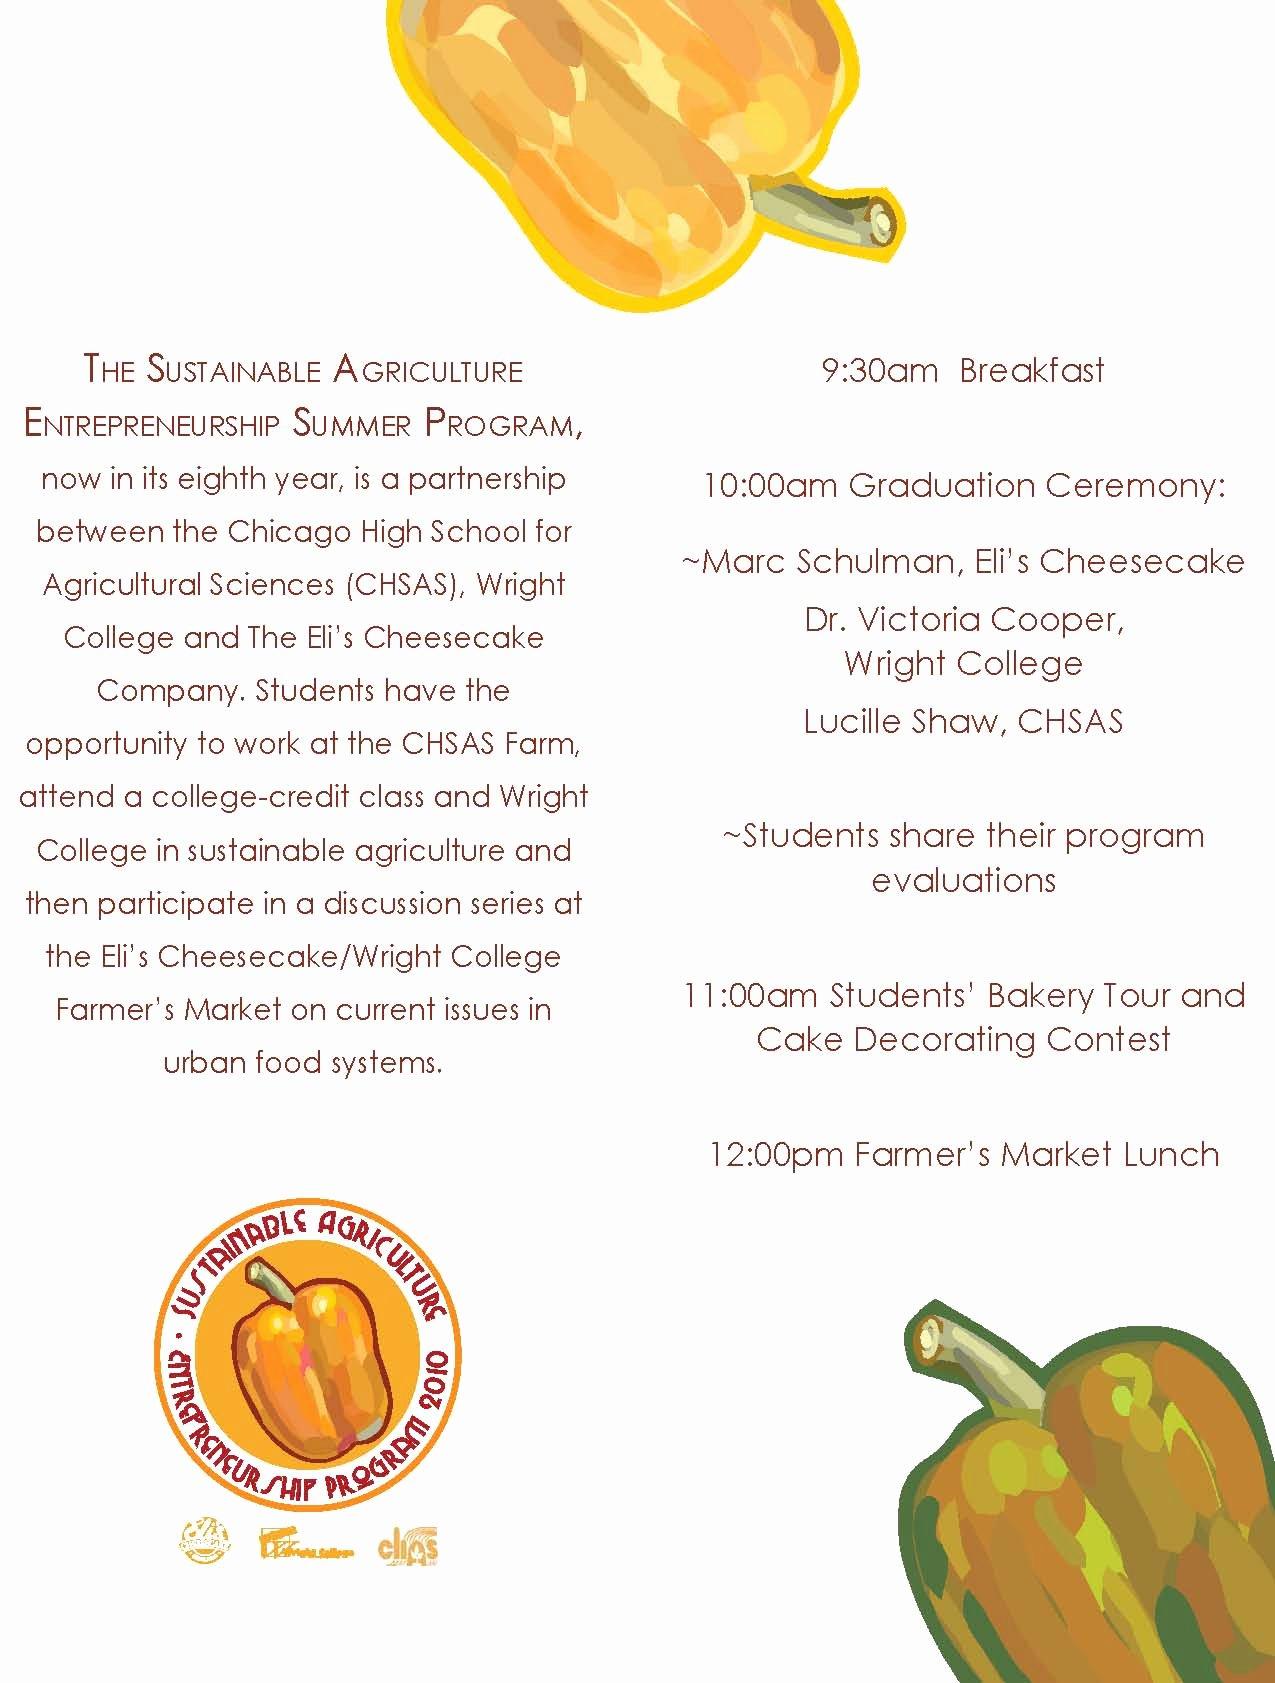 Graduation Ceremony Program Template Beautiful 7 Best Of 2011 Graduation Programs Template Free